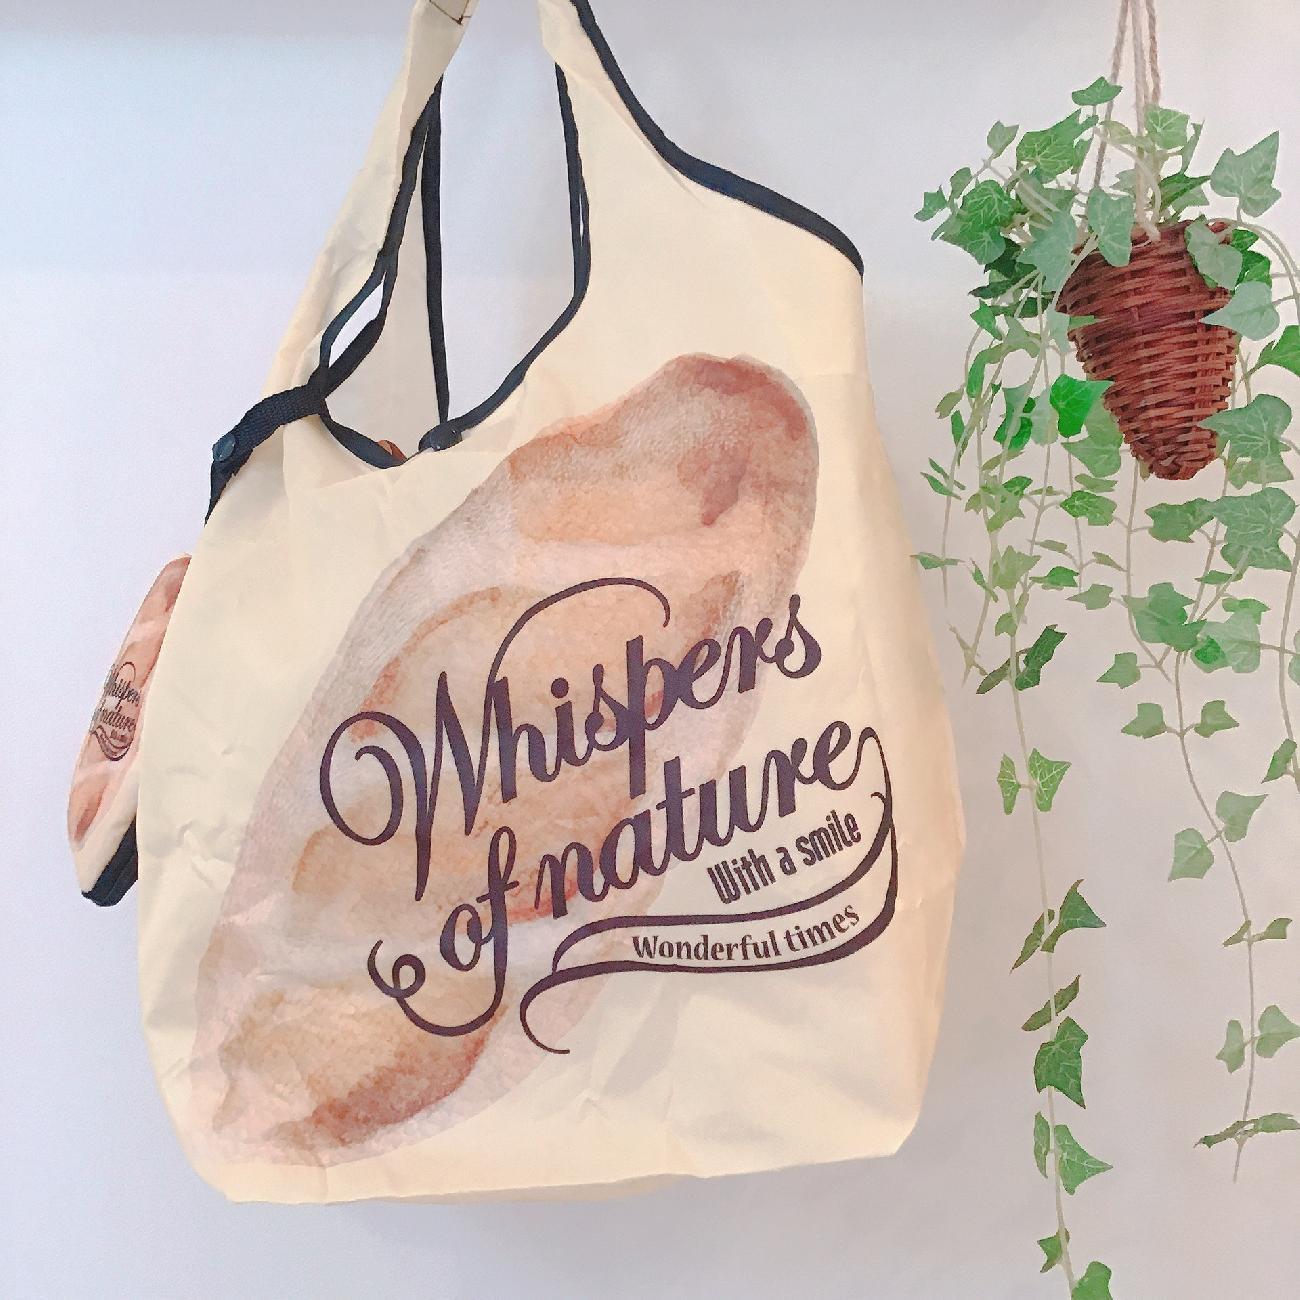 パン/エコバッグ/クロワッサン/バタール/可愛い/お買い物/買い物/ショッピング/エコ/自然に優しい